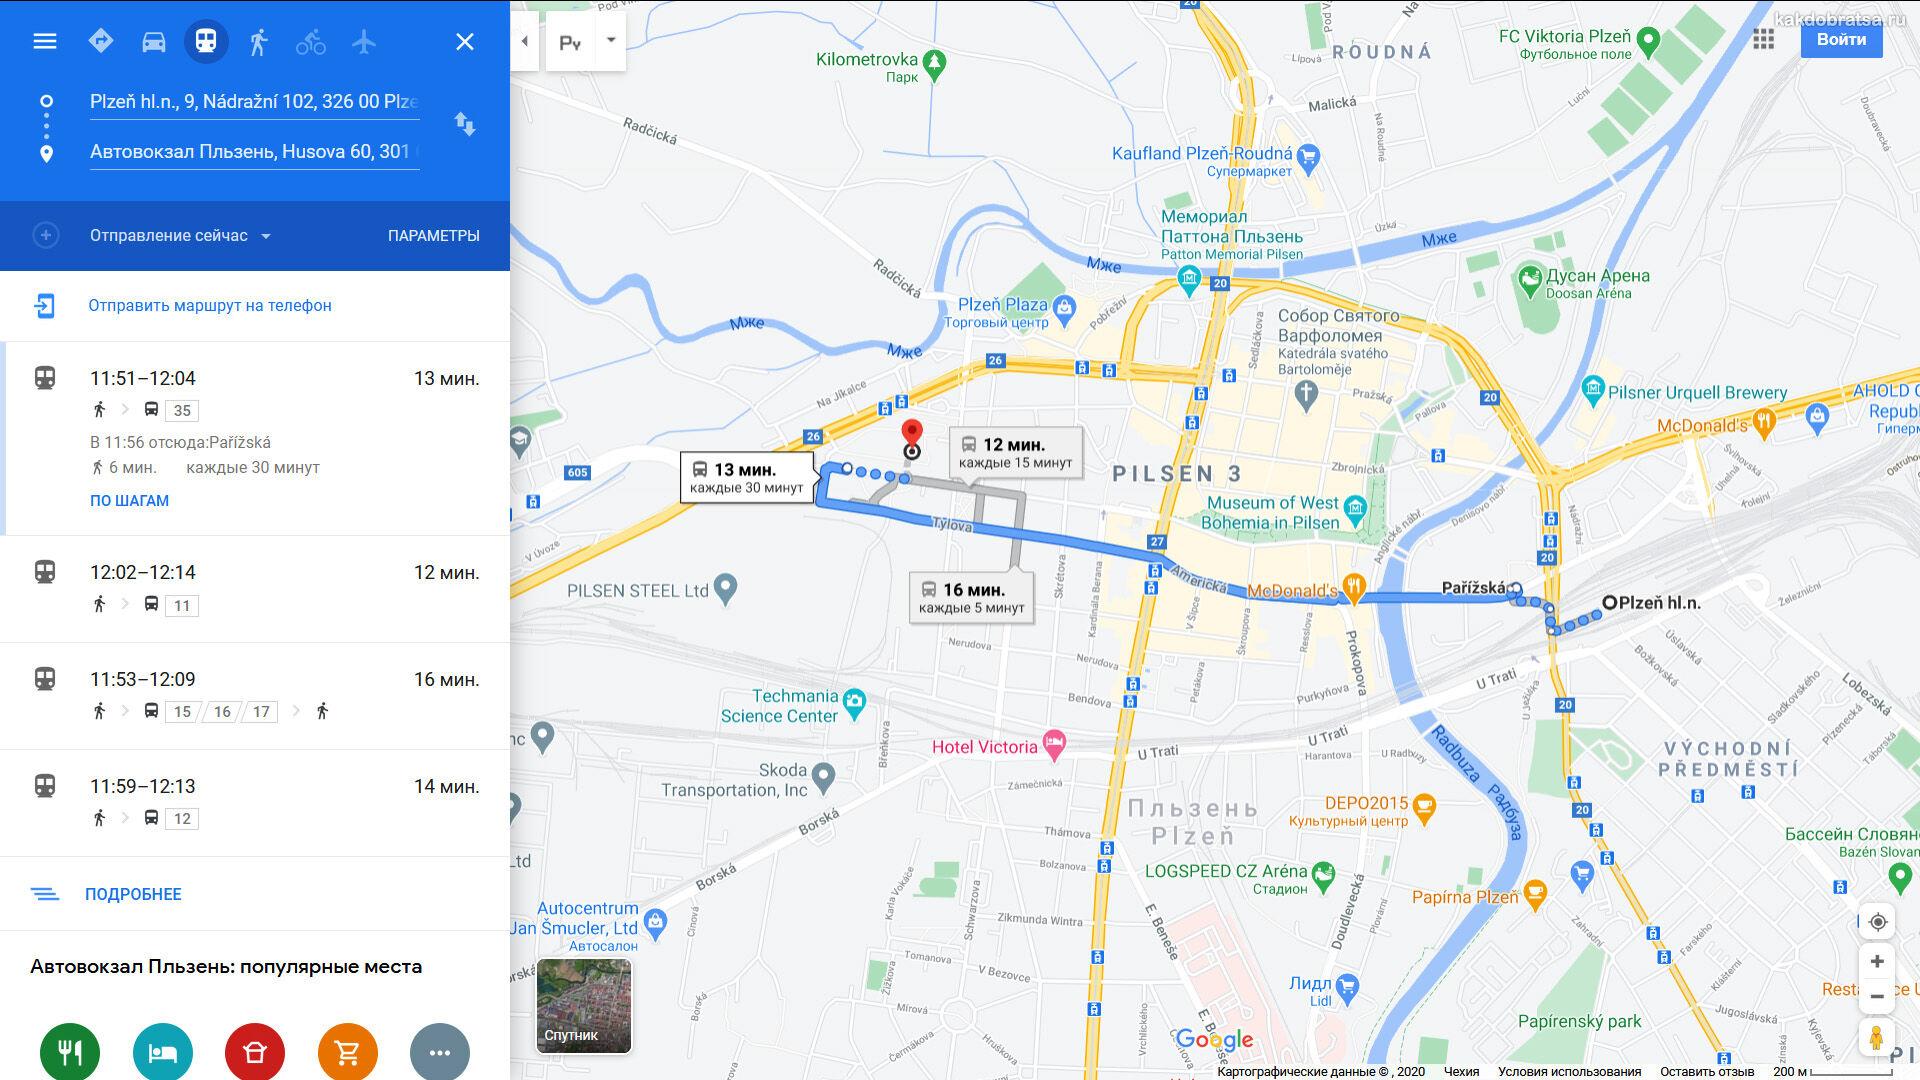 Пльзень автовокзал адрес и точка на карте